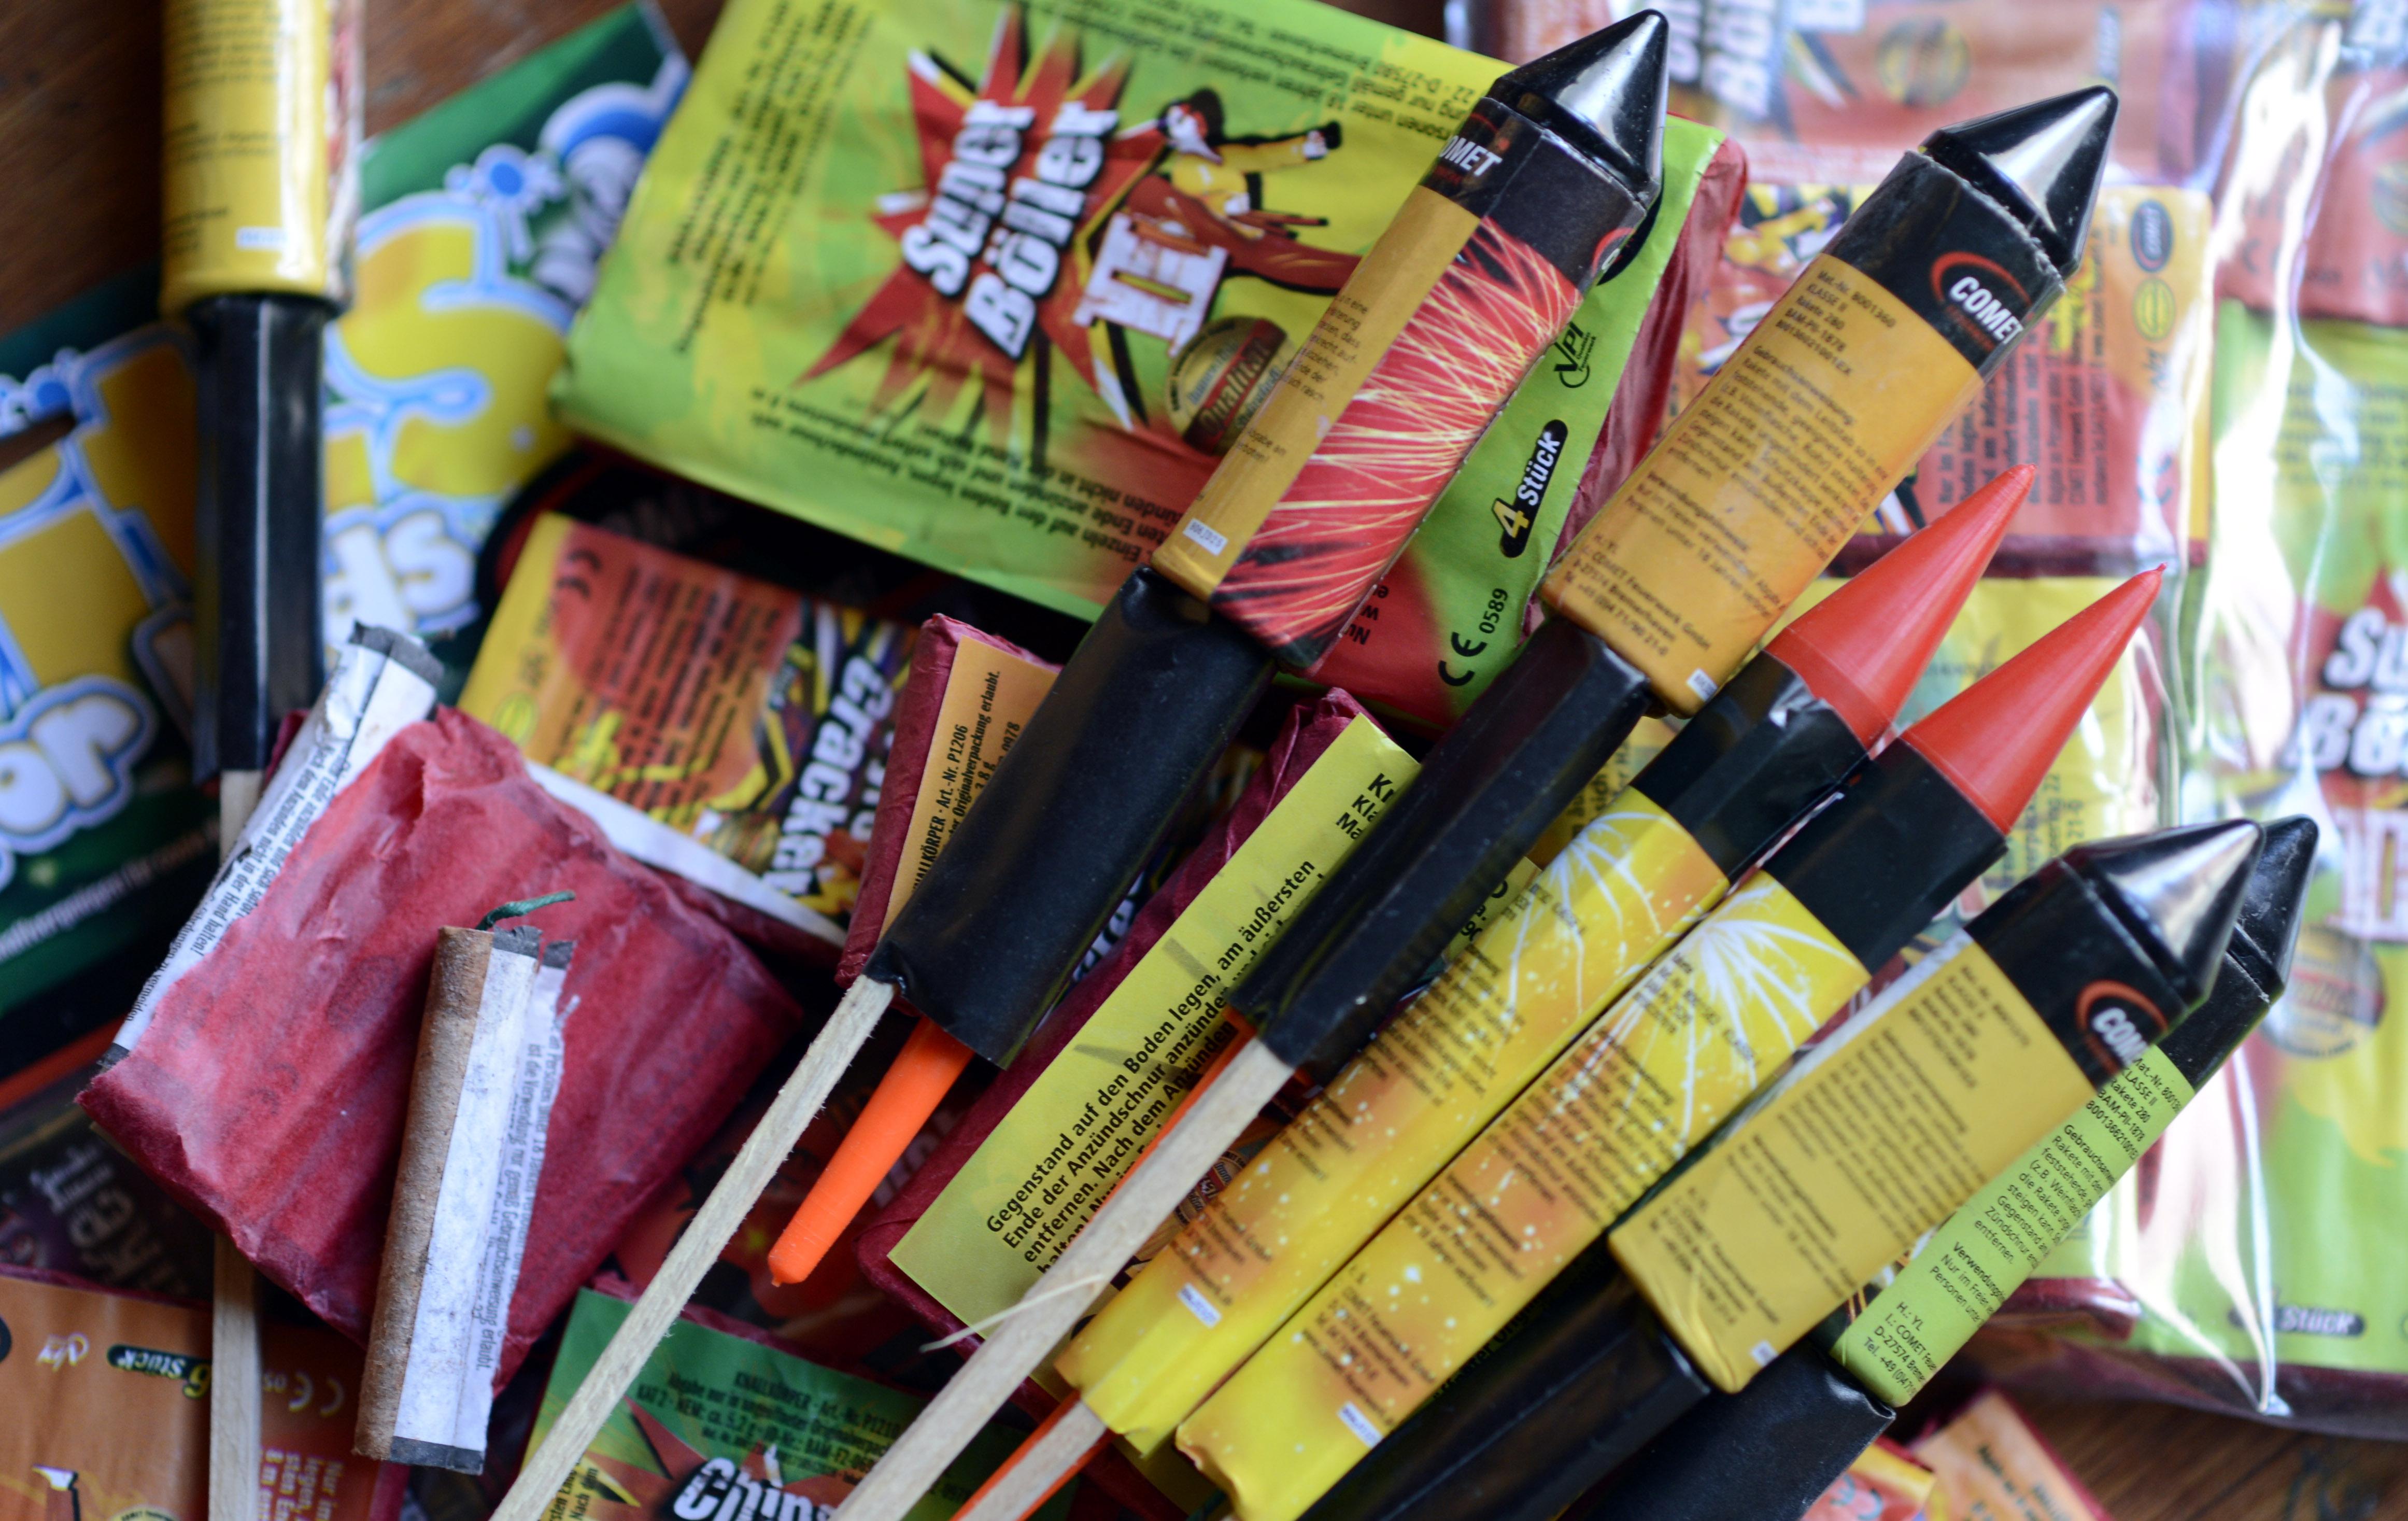 Silvester-Kracher: Feuerwerk in Supermarkt kaufen – heute Geschäft-Öffnungszeit nur bis 16 Uhr